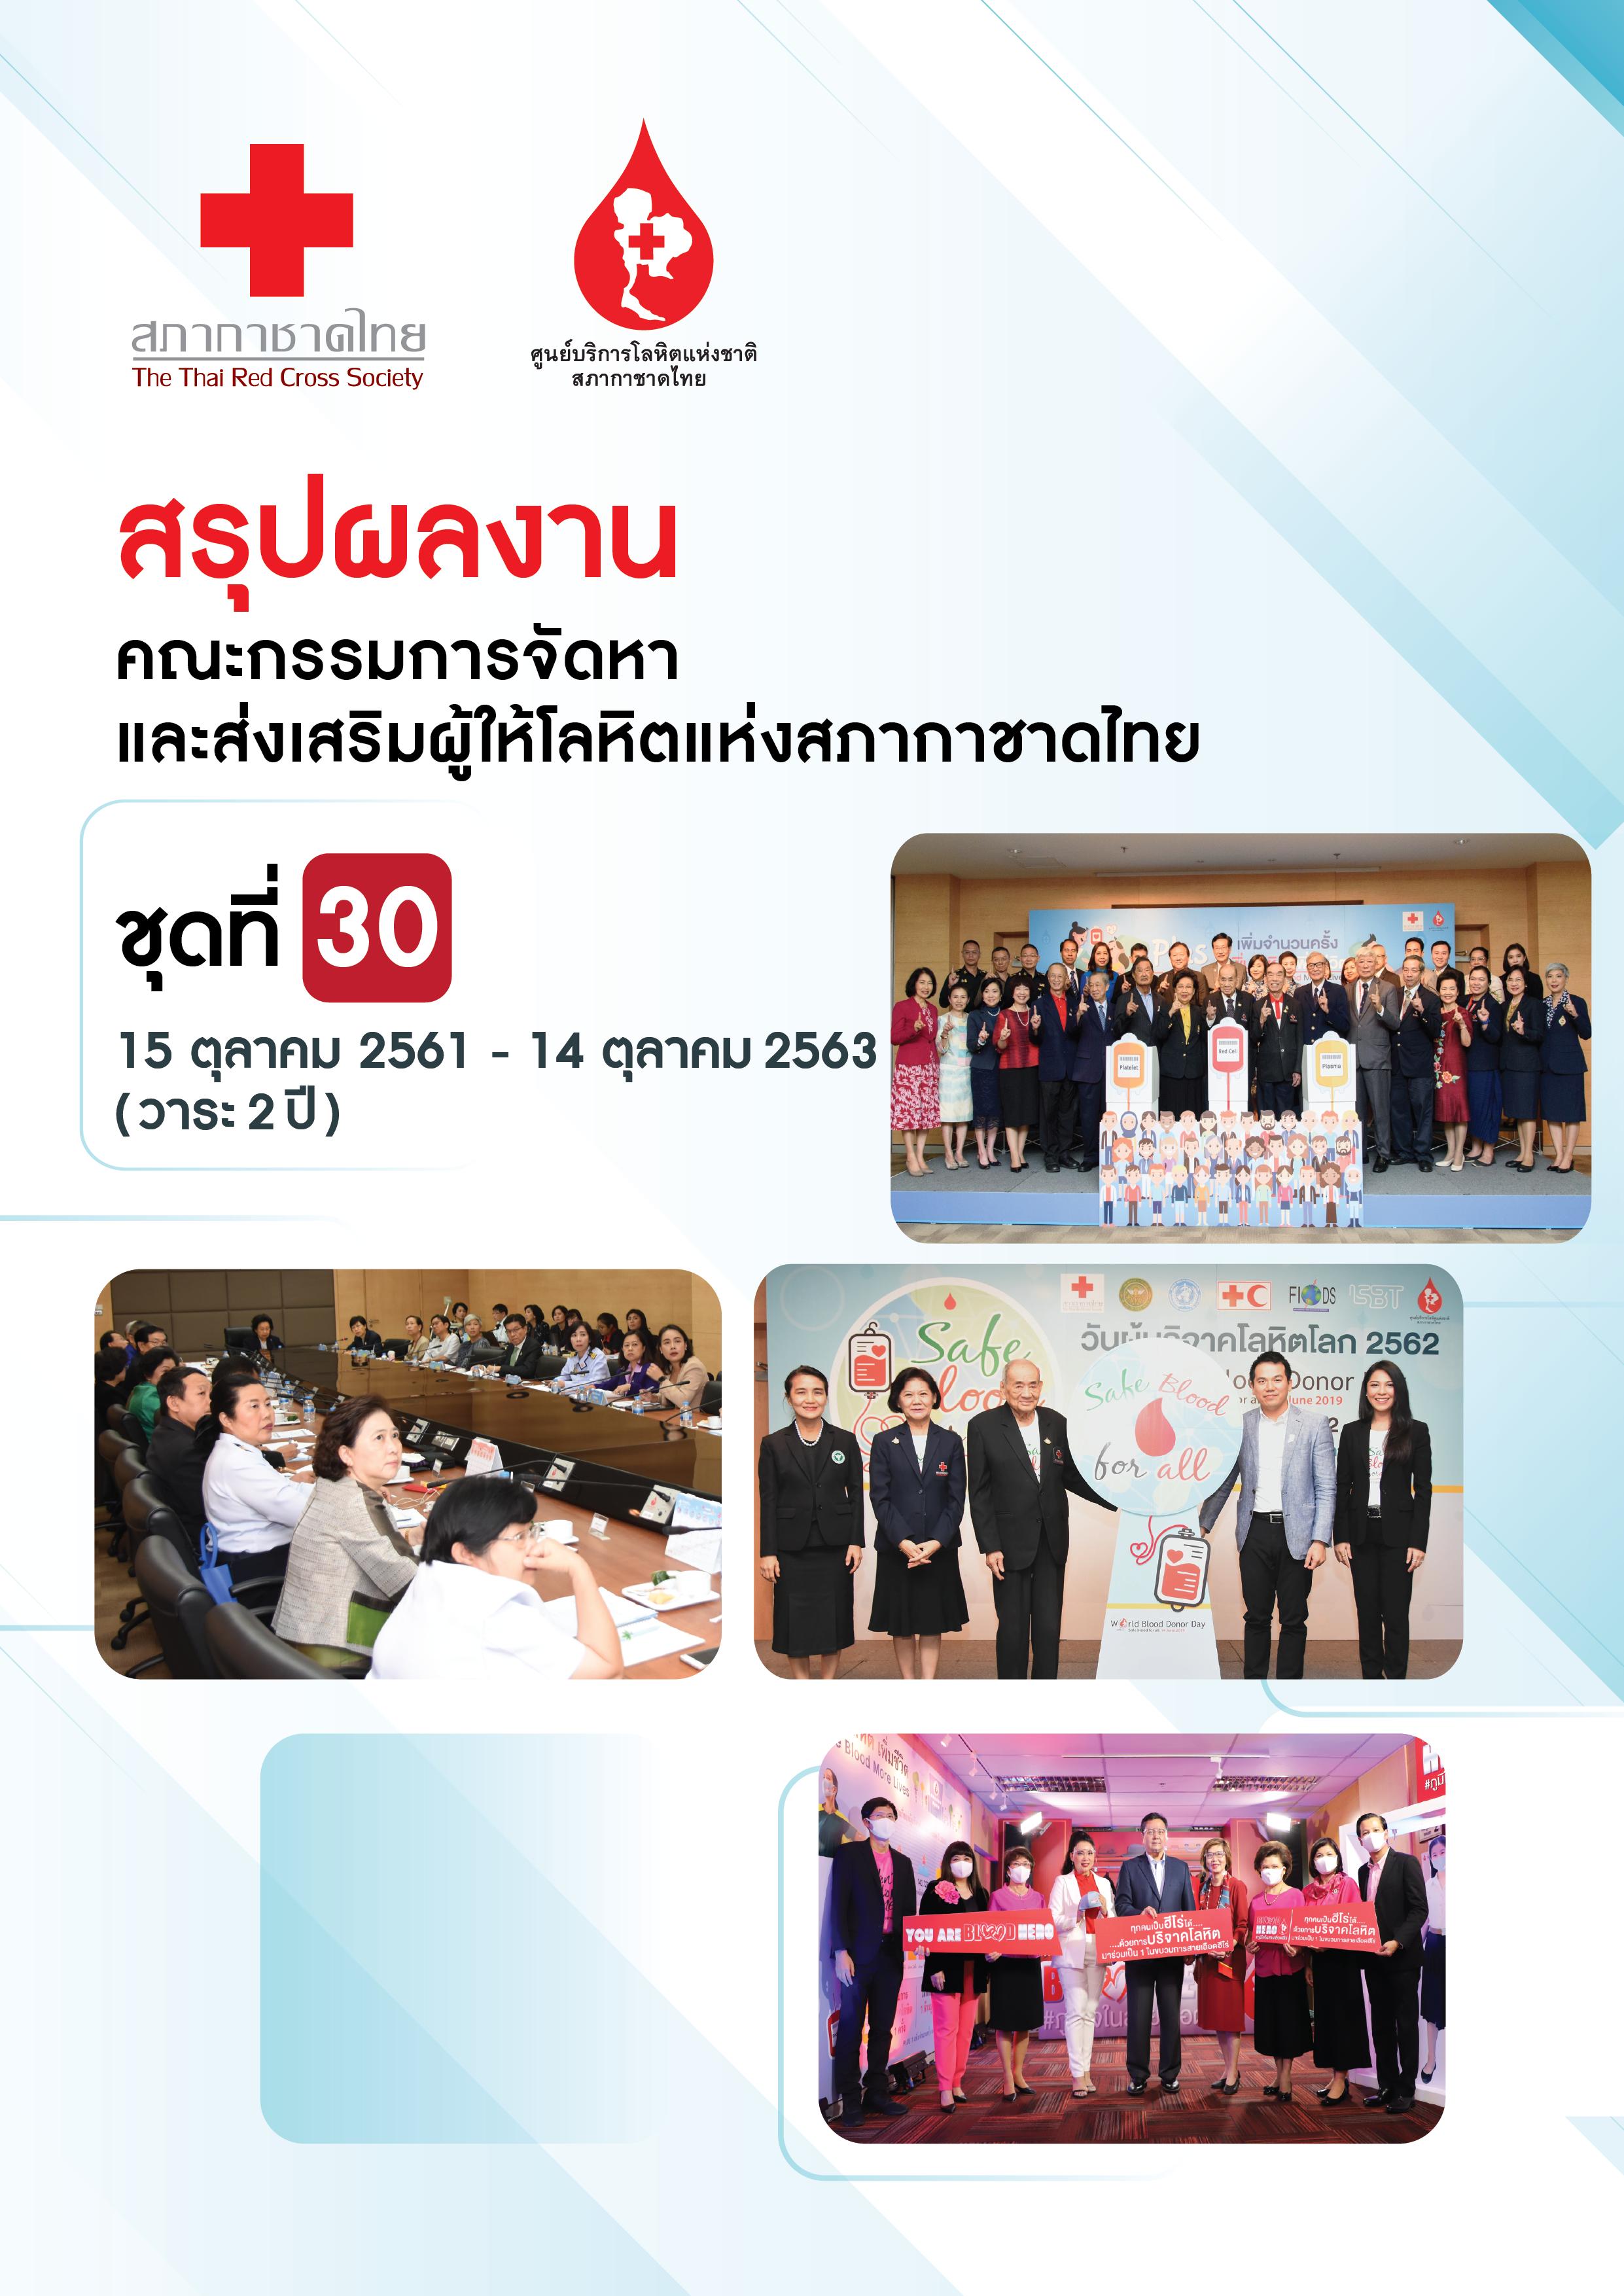 สรุปผลงานคณะกรรมการจัดหาและส่งเสริมผู้ให้โลหิตแห่งสภากาชาดไทย ชุดที่ 30